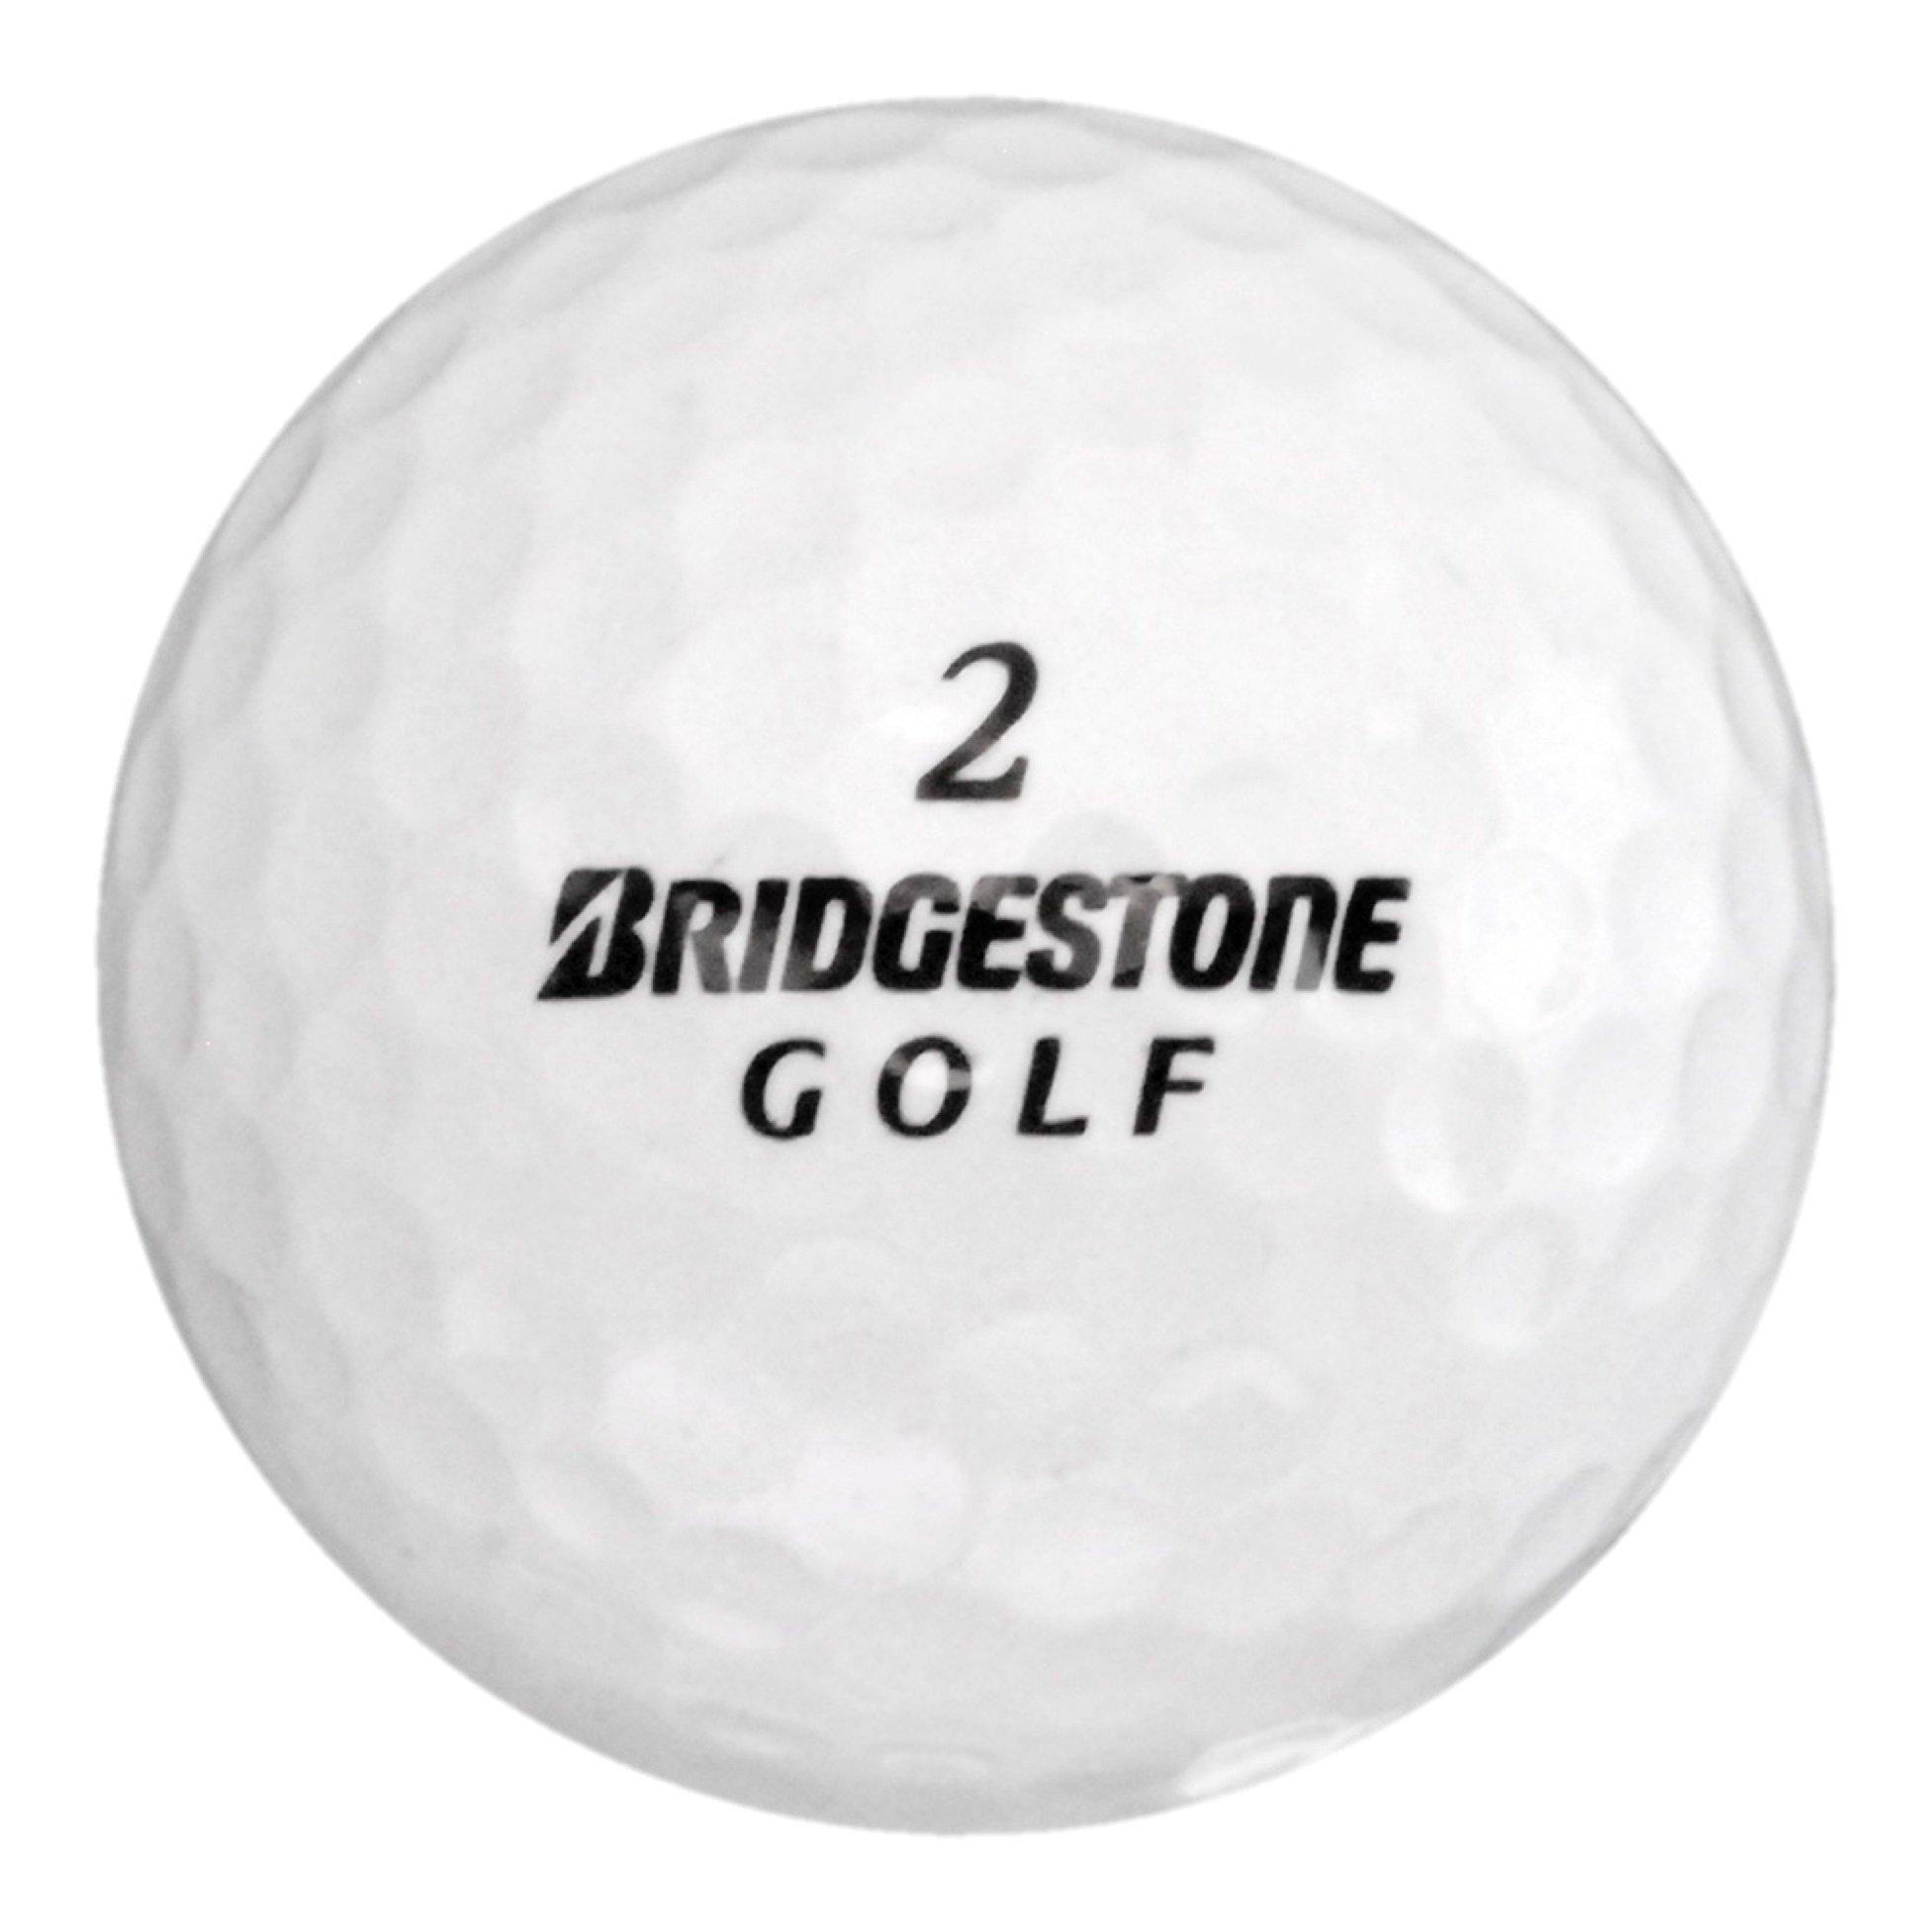 120 Bridgestone Mix - Mint (AAAAA) Grade - Recycled (Used) Golf Balls